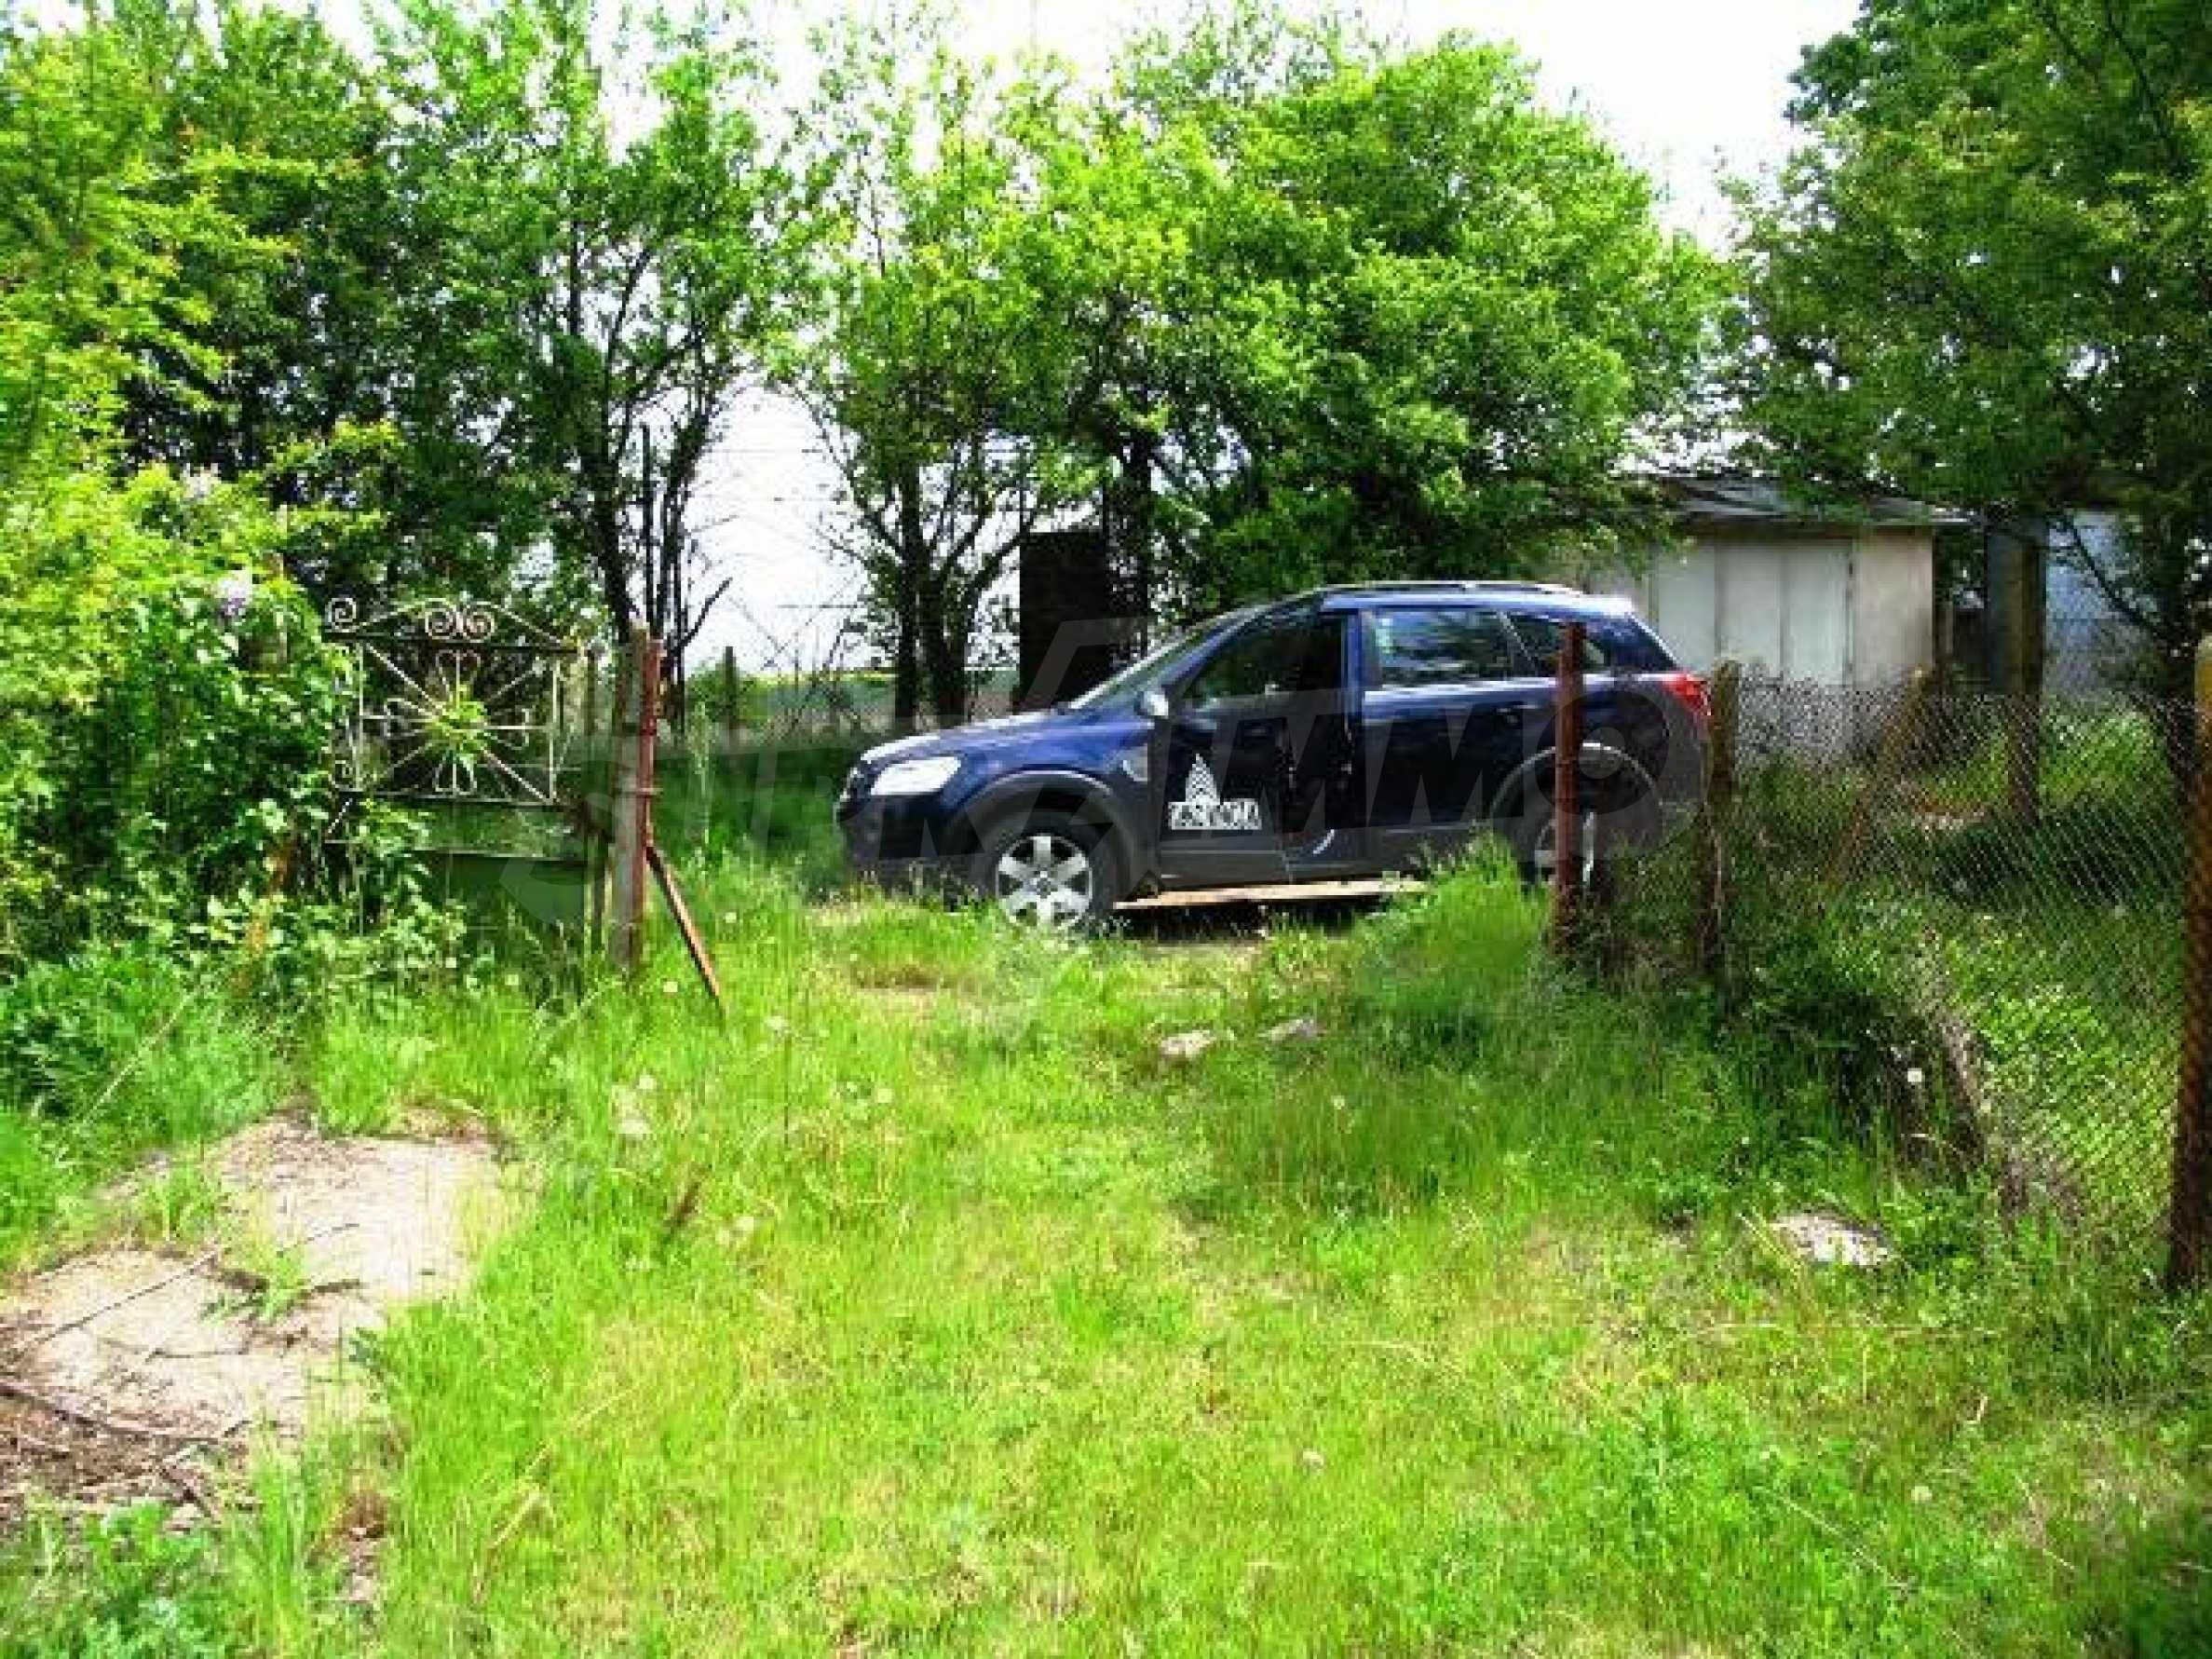 House for sale in Zementsi village near by Romanian border 11